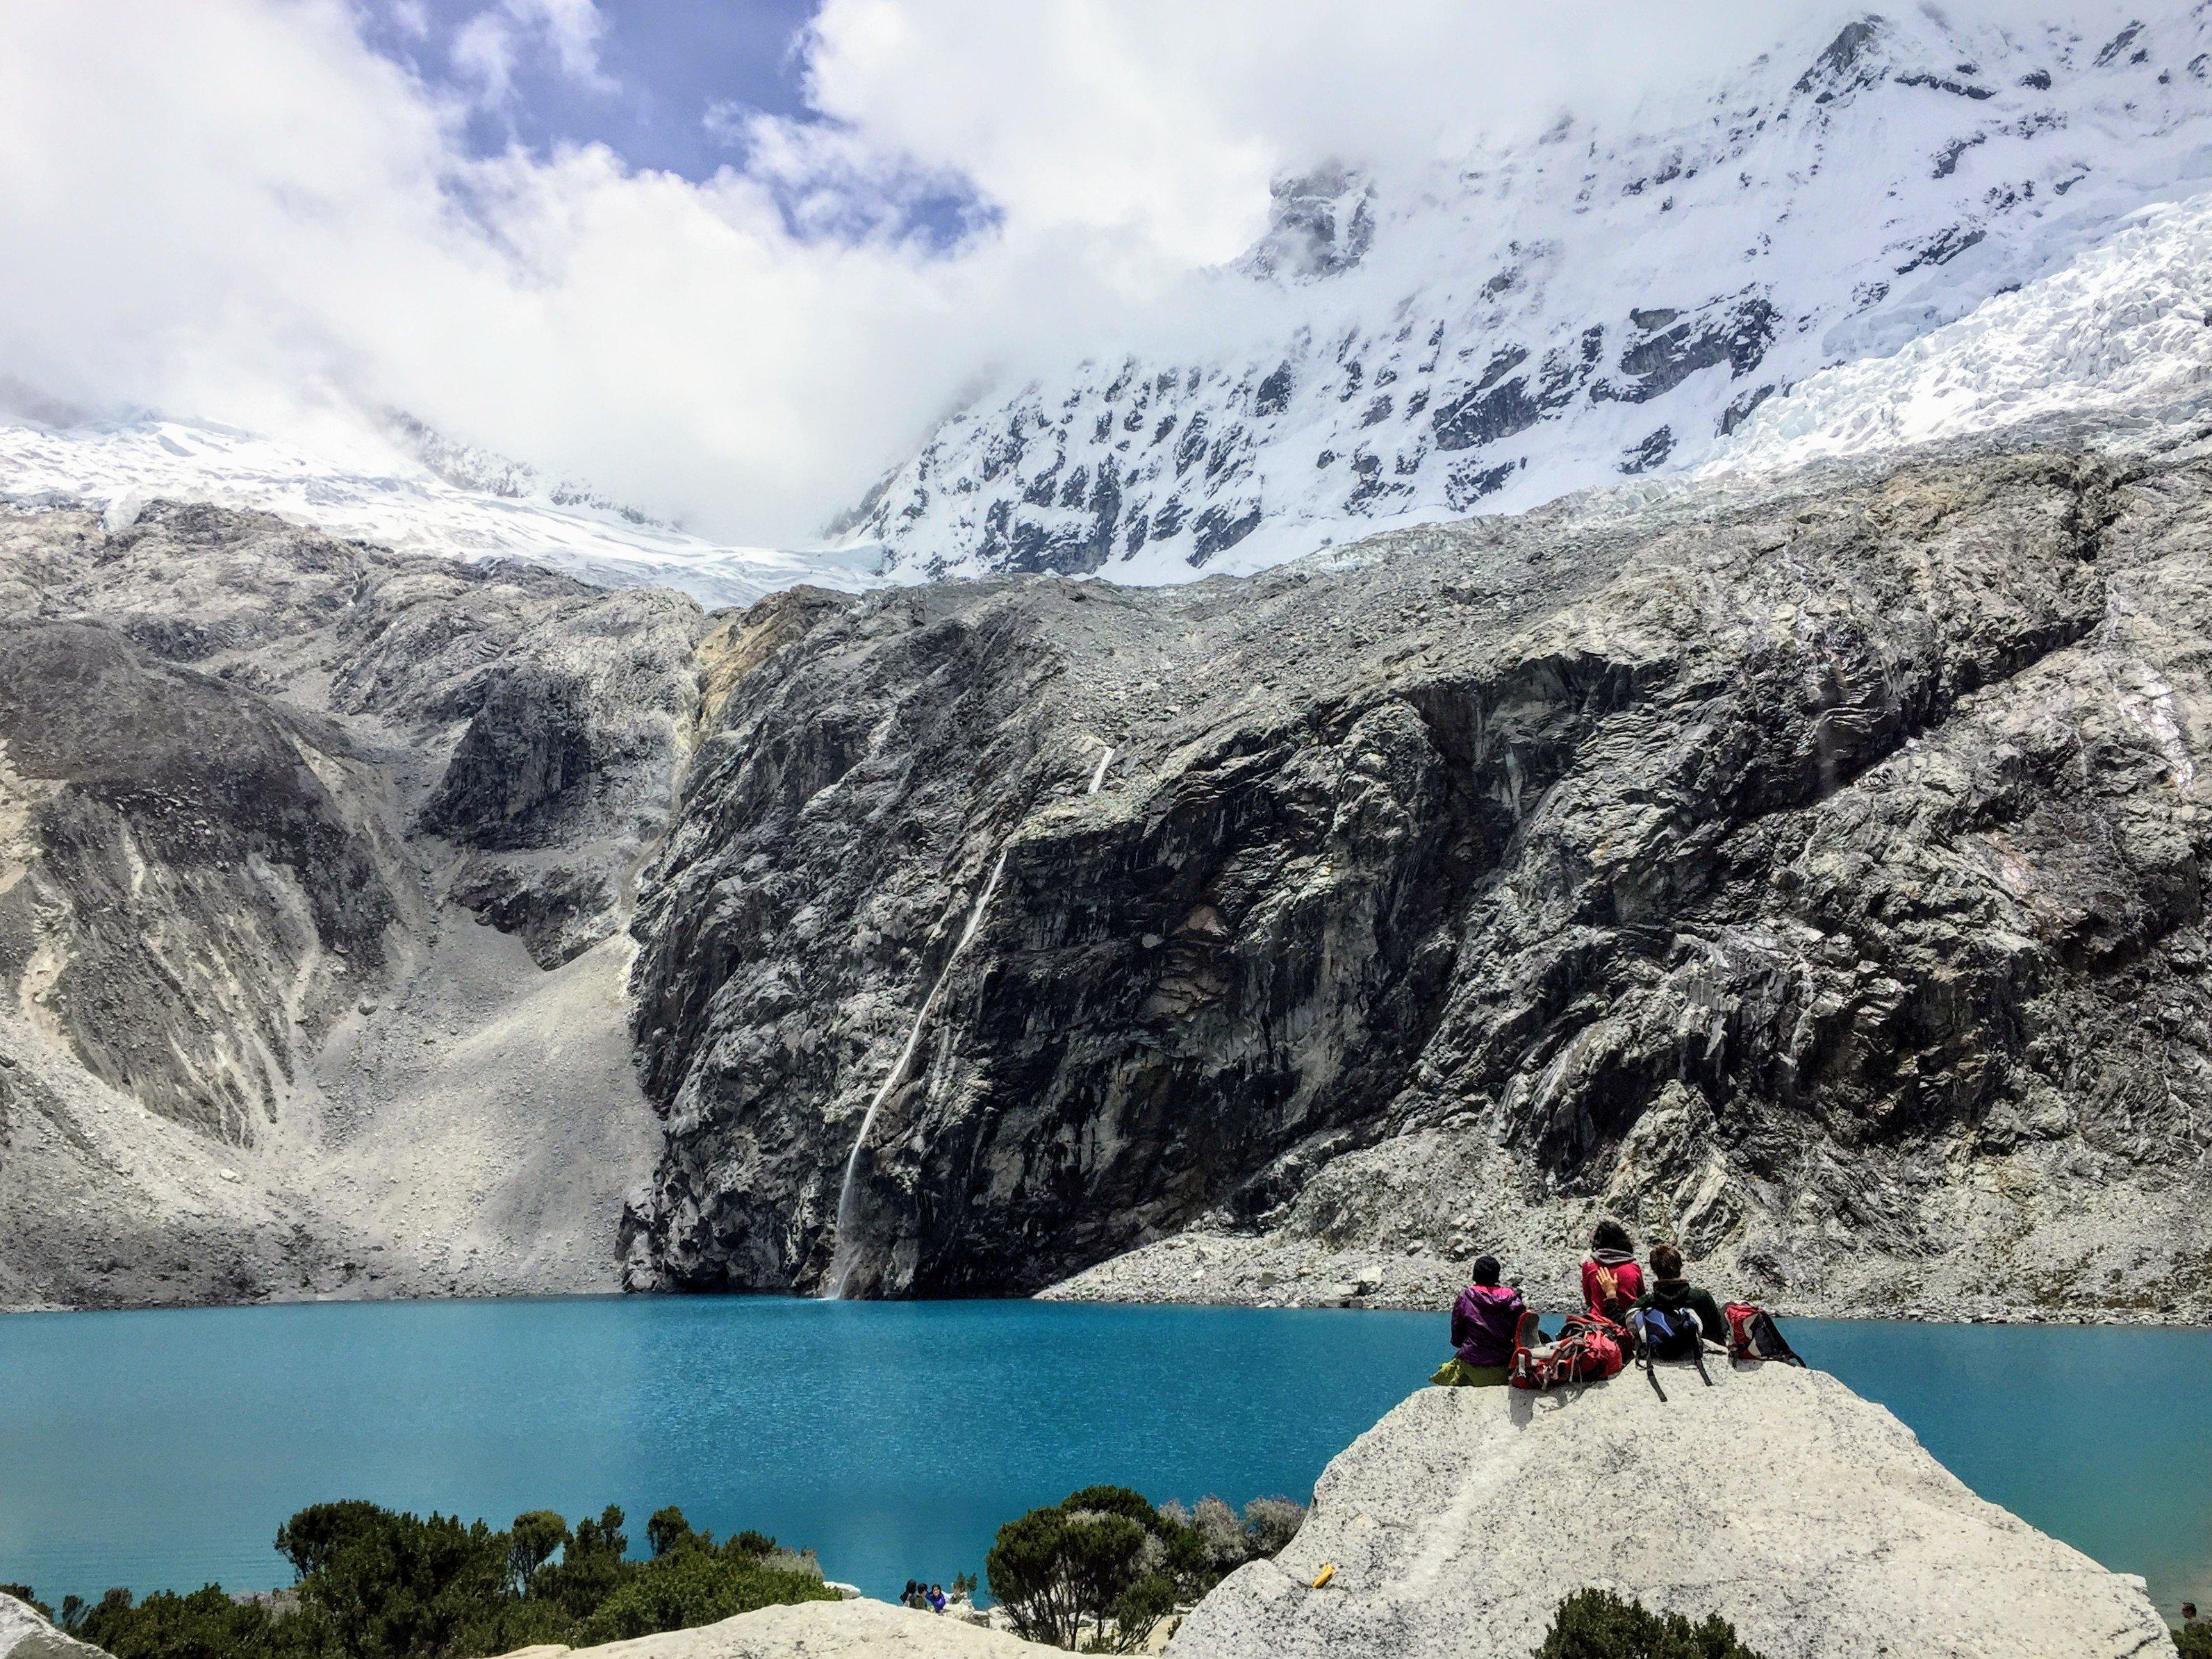 Laguna 69 in Huaraz, Peru